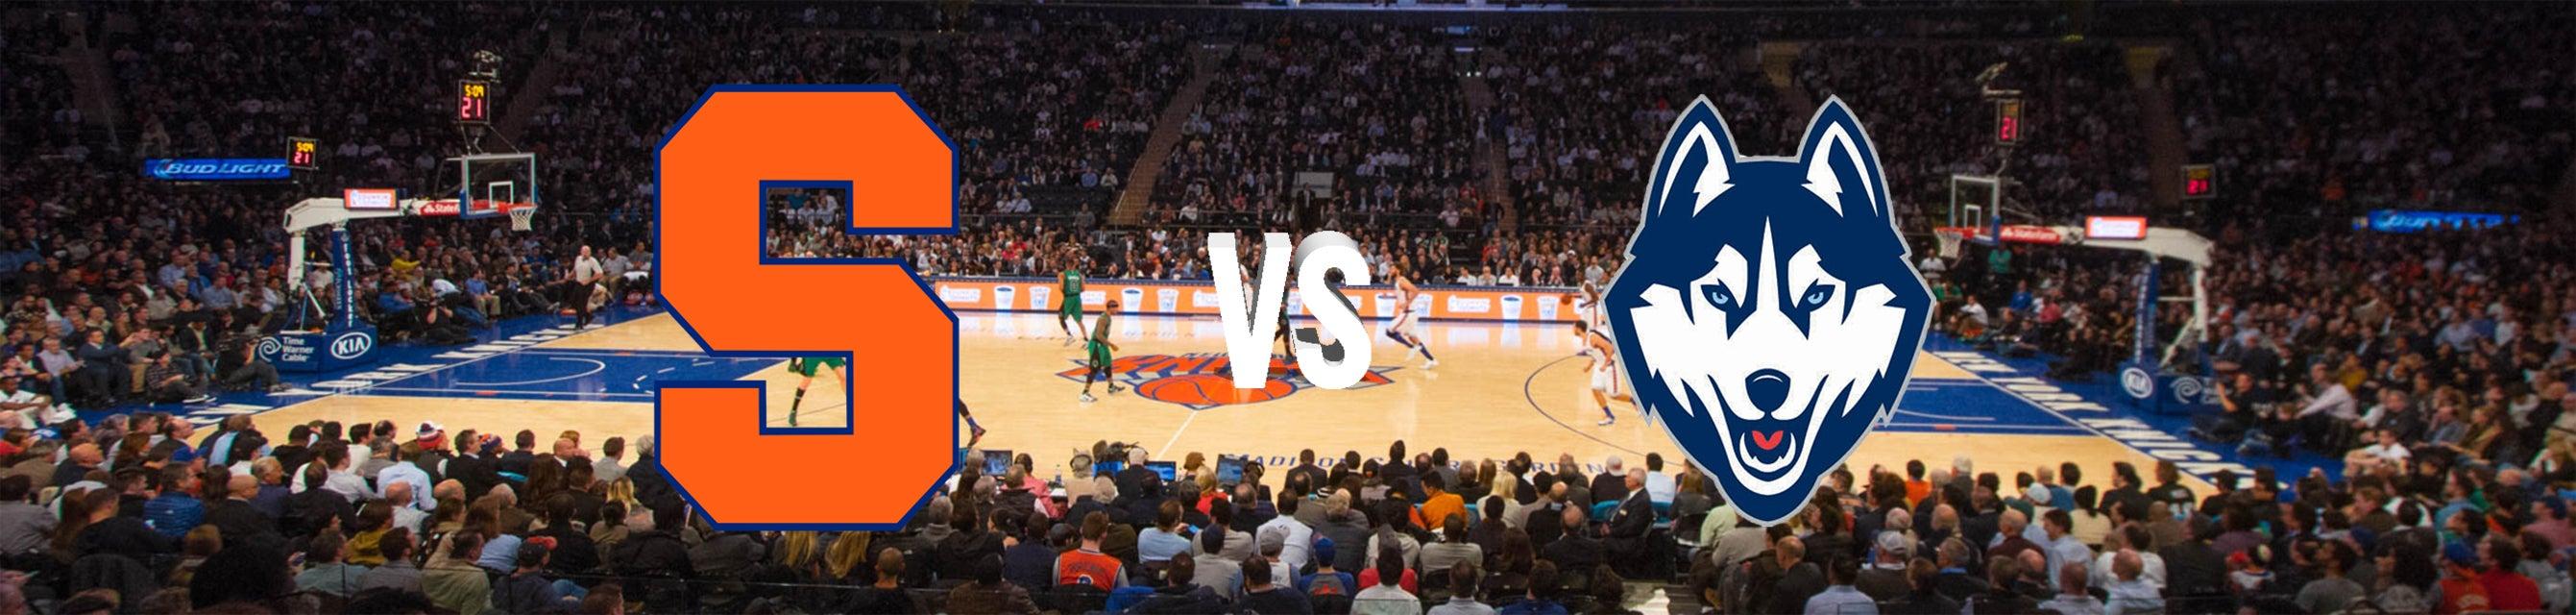 Syracuse vs UCONN Basketball Tickets